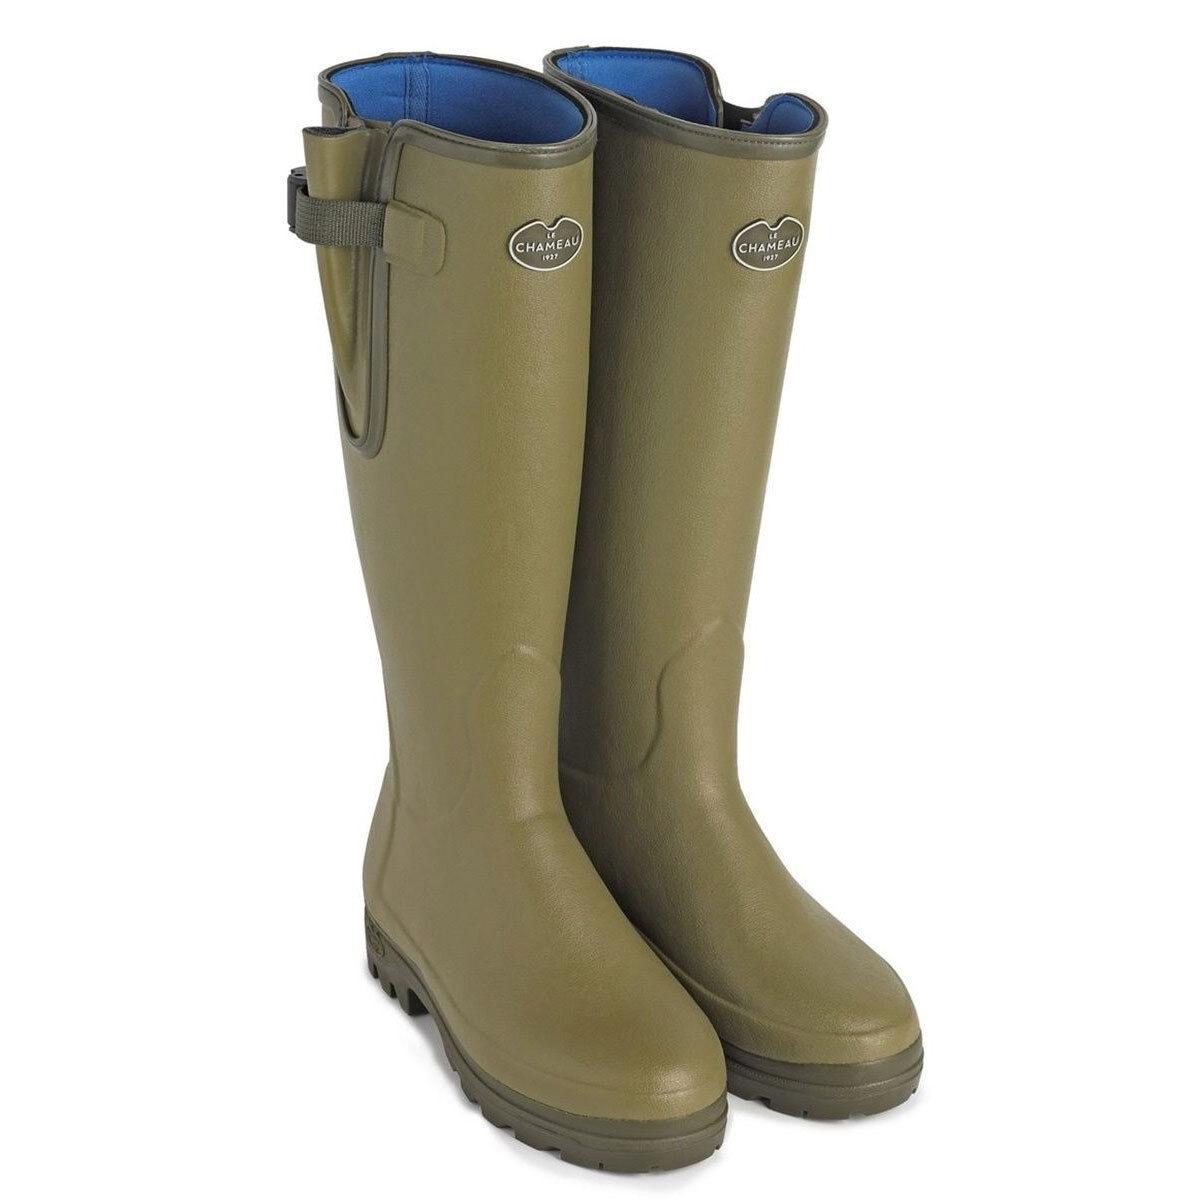 Para Hombre Le Chameau Vierzonord Neopreno Forrado botas, Gratis Reino Unido P&p Aleación de arranque Jack.